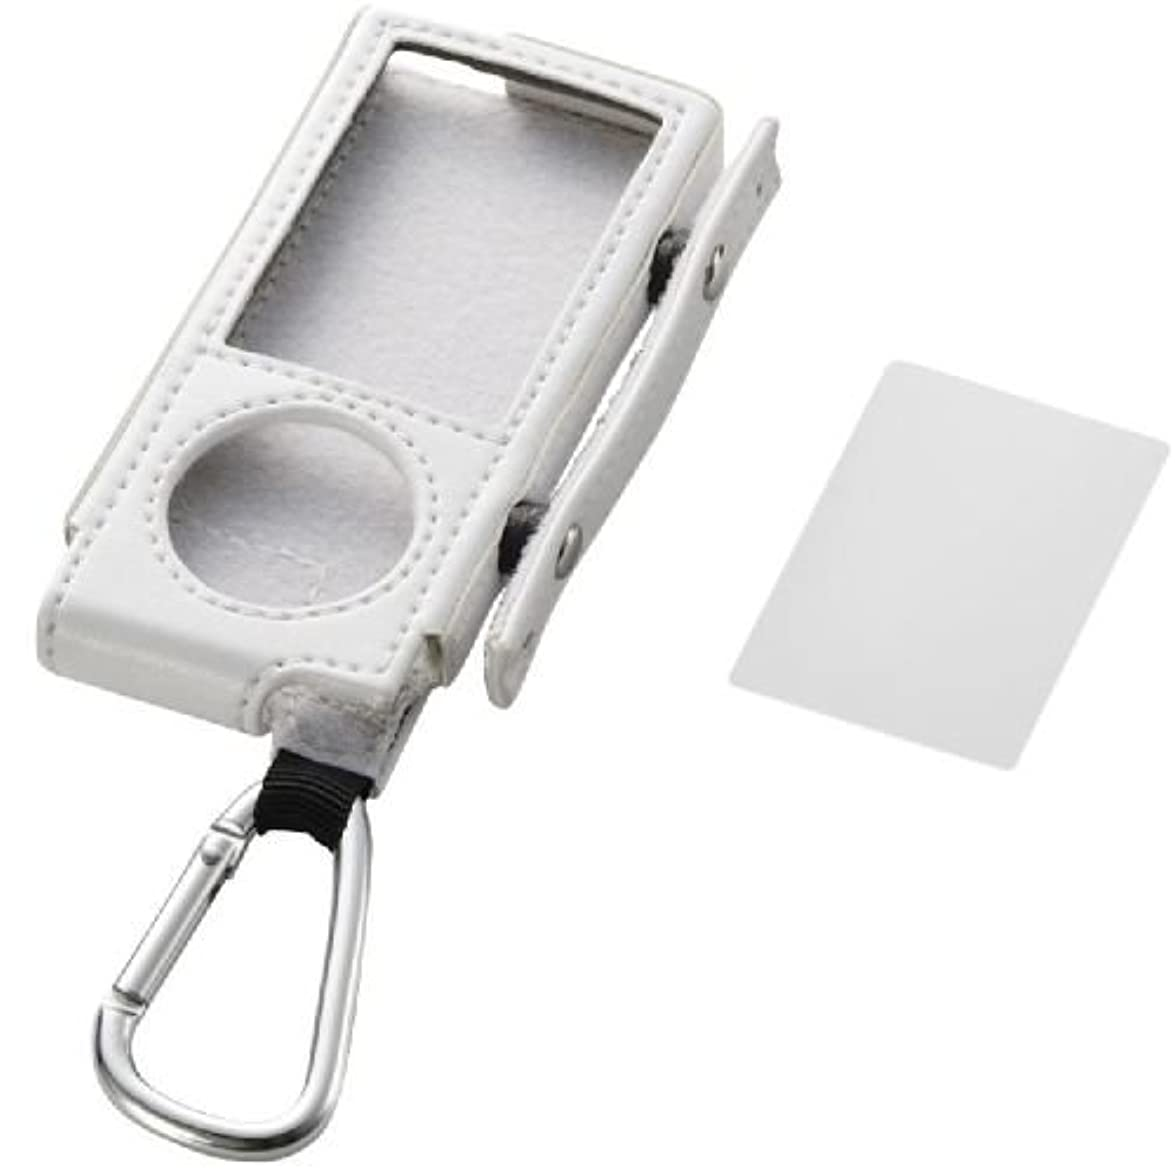 夢中吸う光ELECOM 5th(2009年発売) iPod nano 巻き取りソフトレザーケース ホワイト AVA-N09LRWH